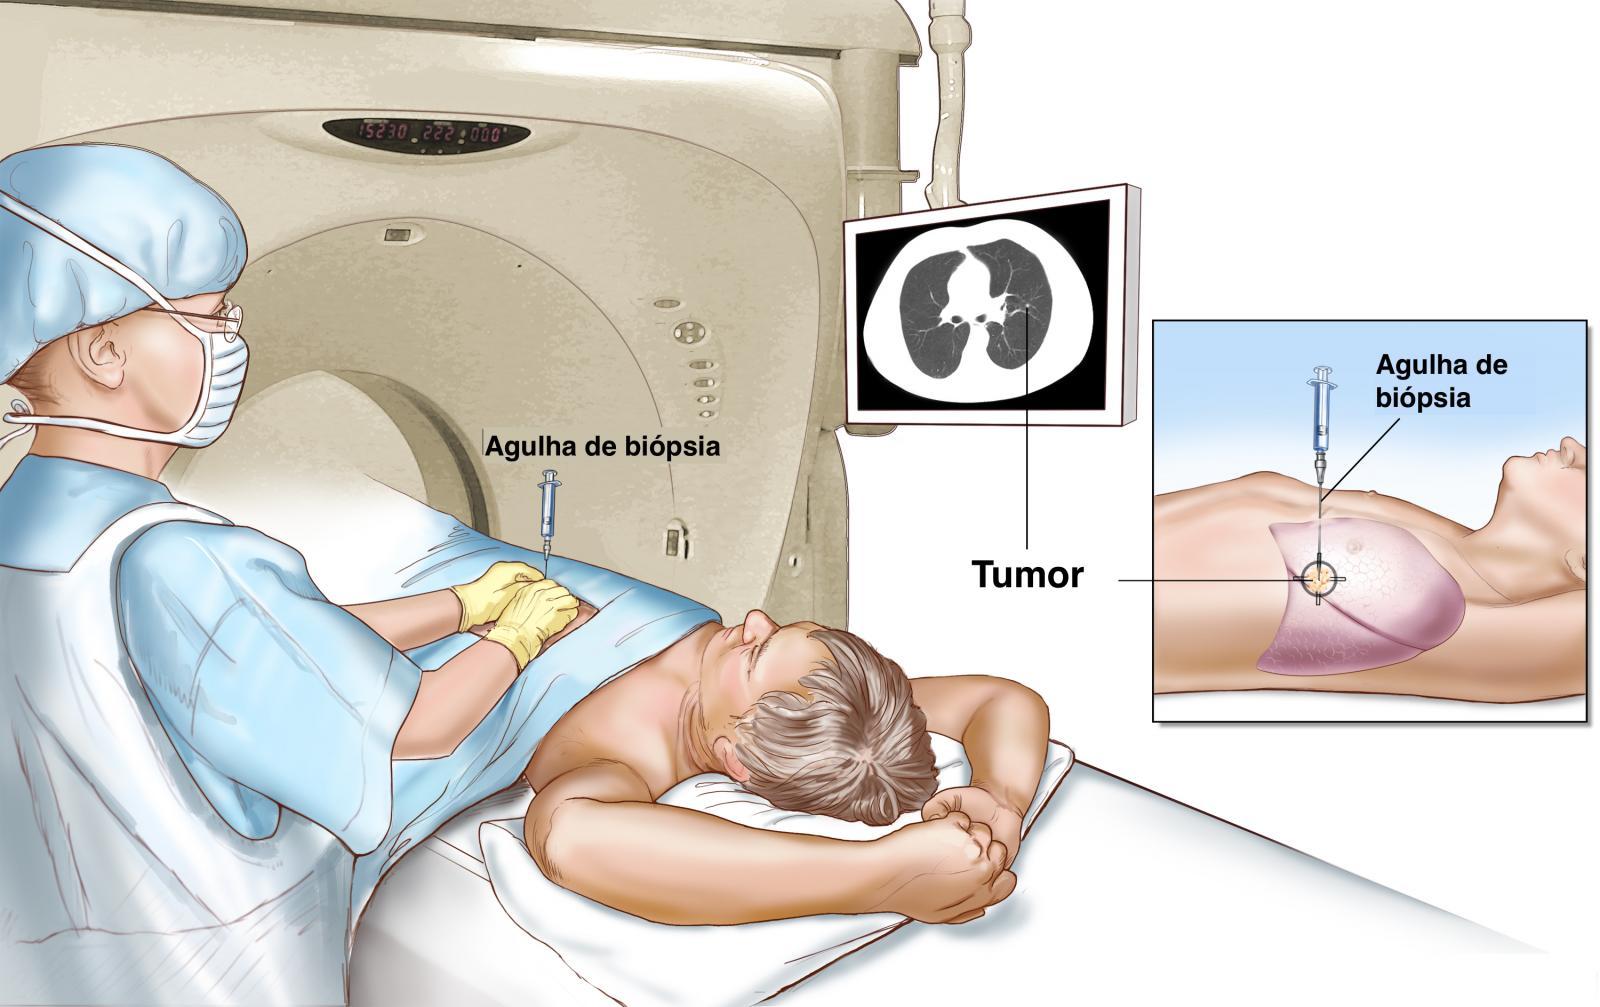 biopsia-guiada-por-imagem.jpg